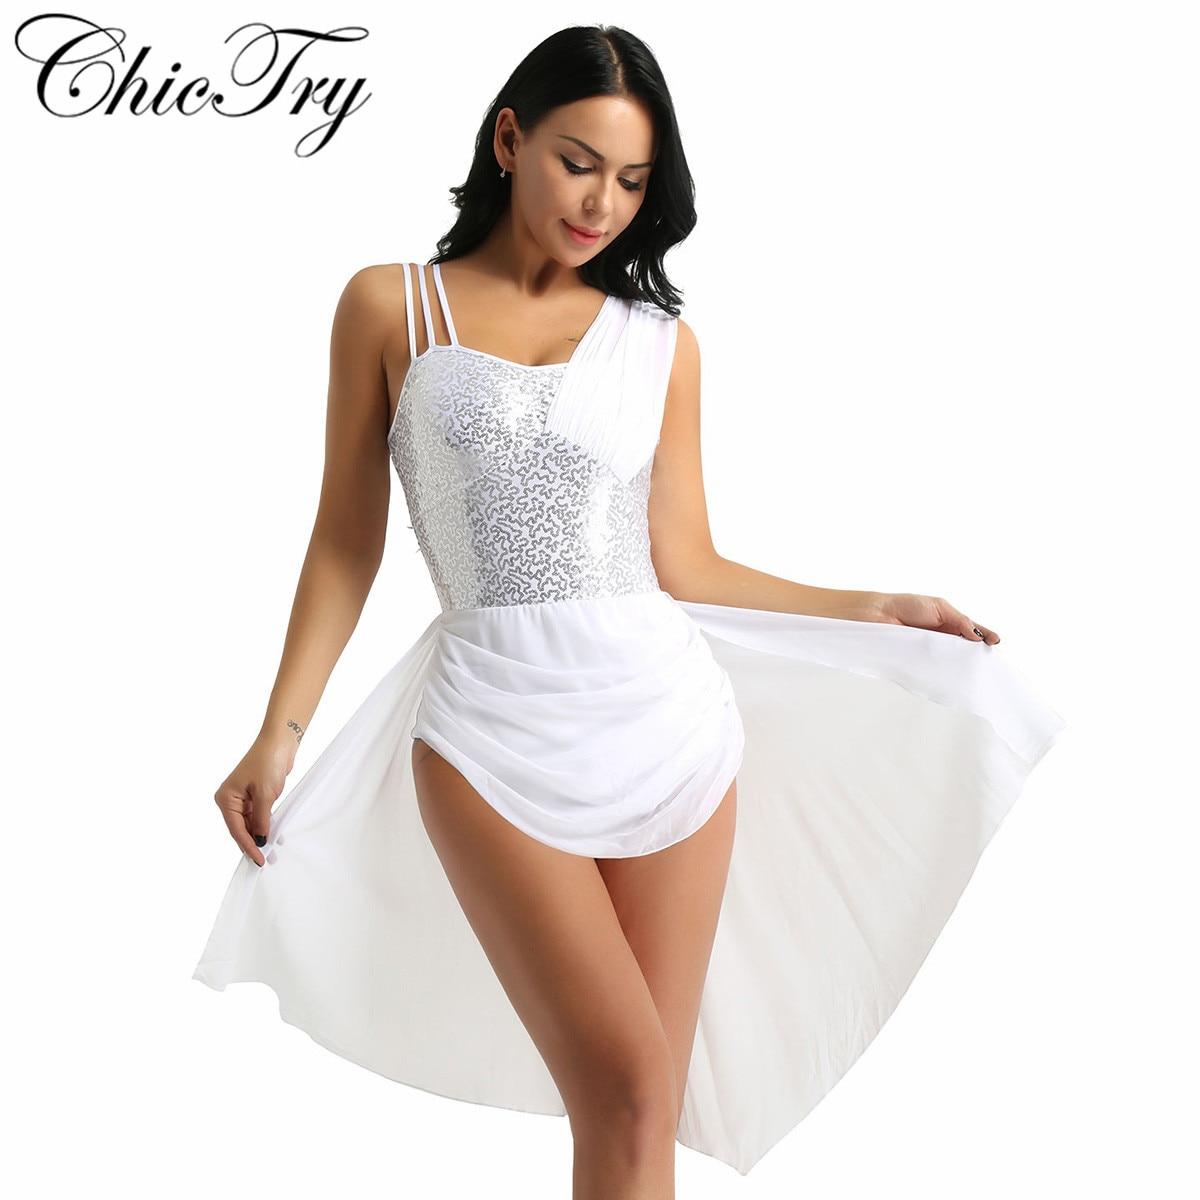 Women Adults Girls Ballet Dancewear Spaghetti Straps Sleeveless Sequins Irregular Chiffon Ballet Dance Gymnastics Leotard Dress